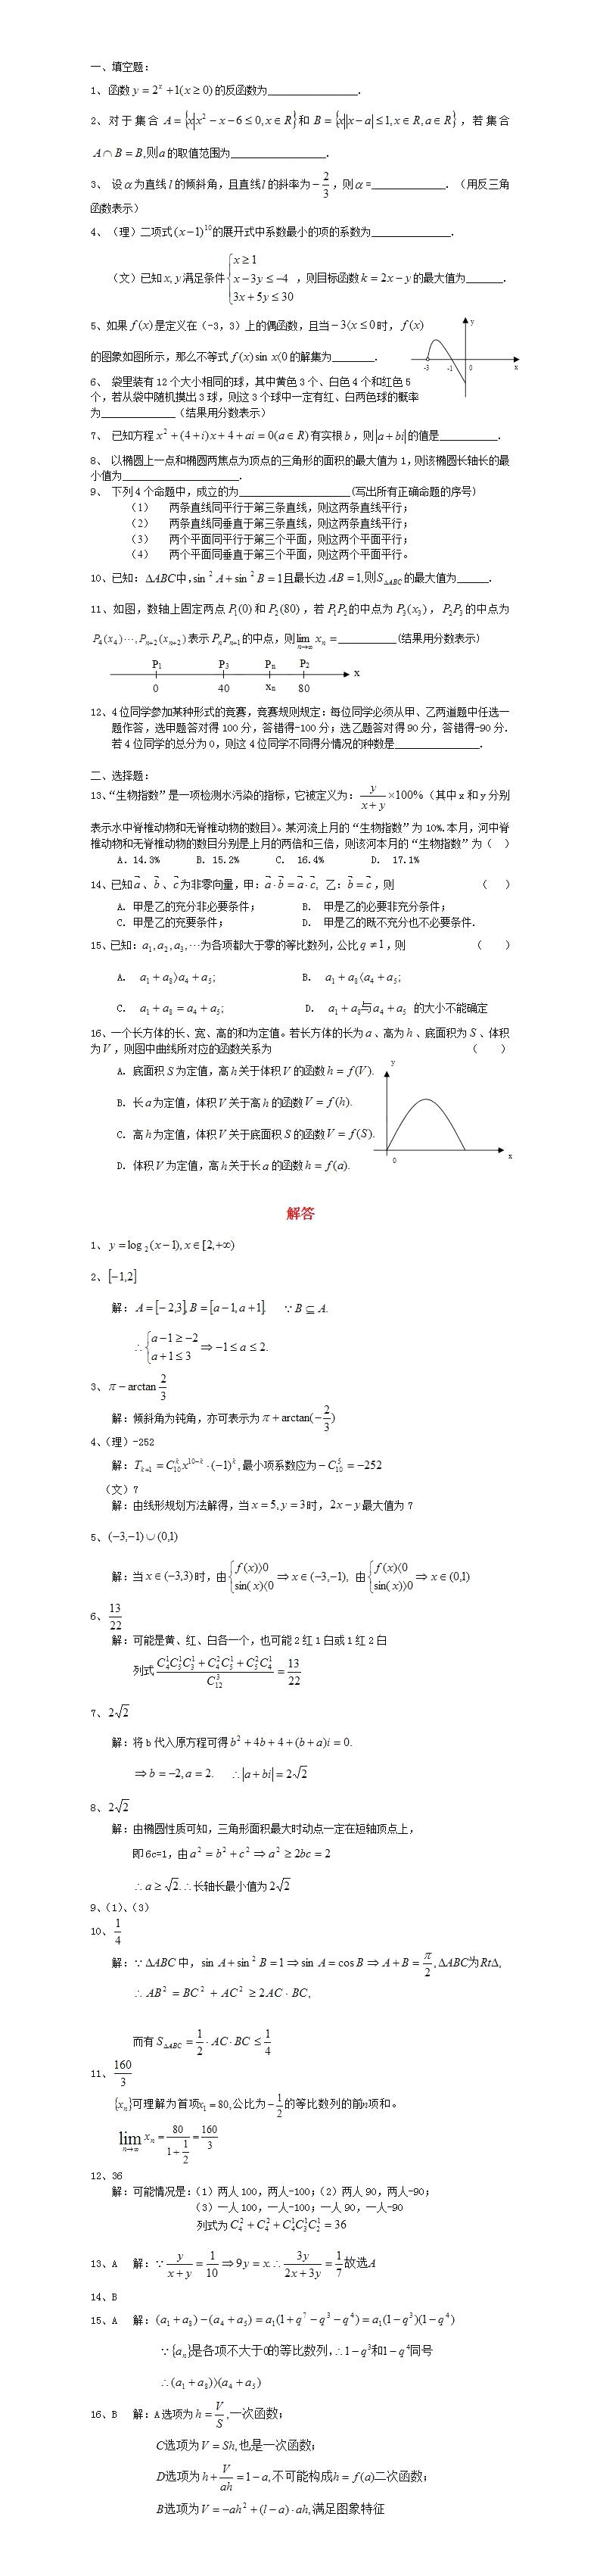 河北2020年高考数学第二轮复习试题及答案(二)